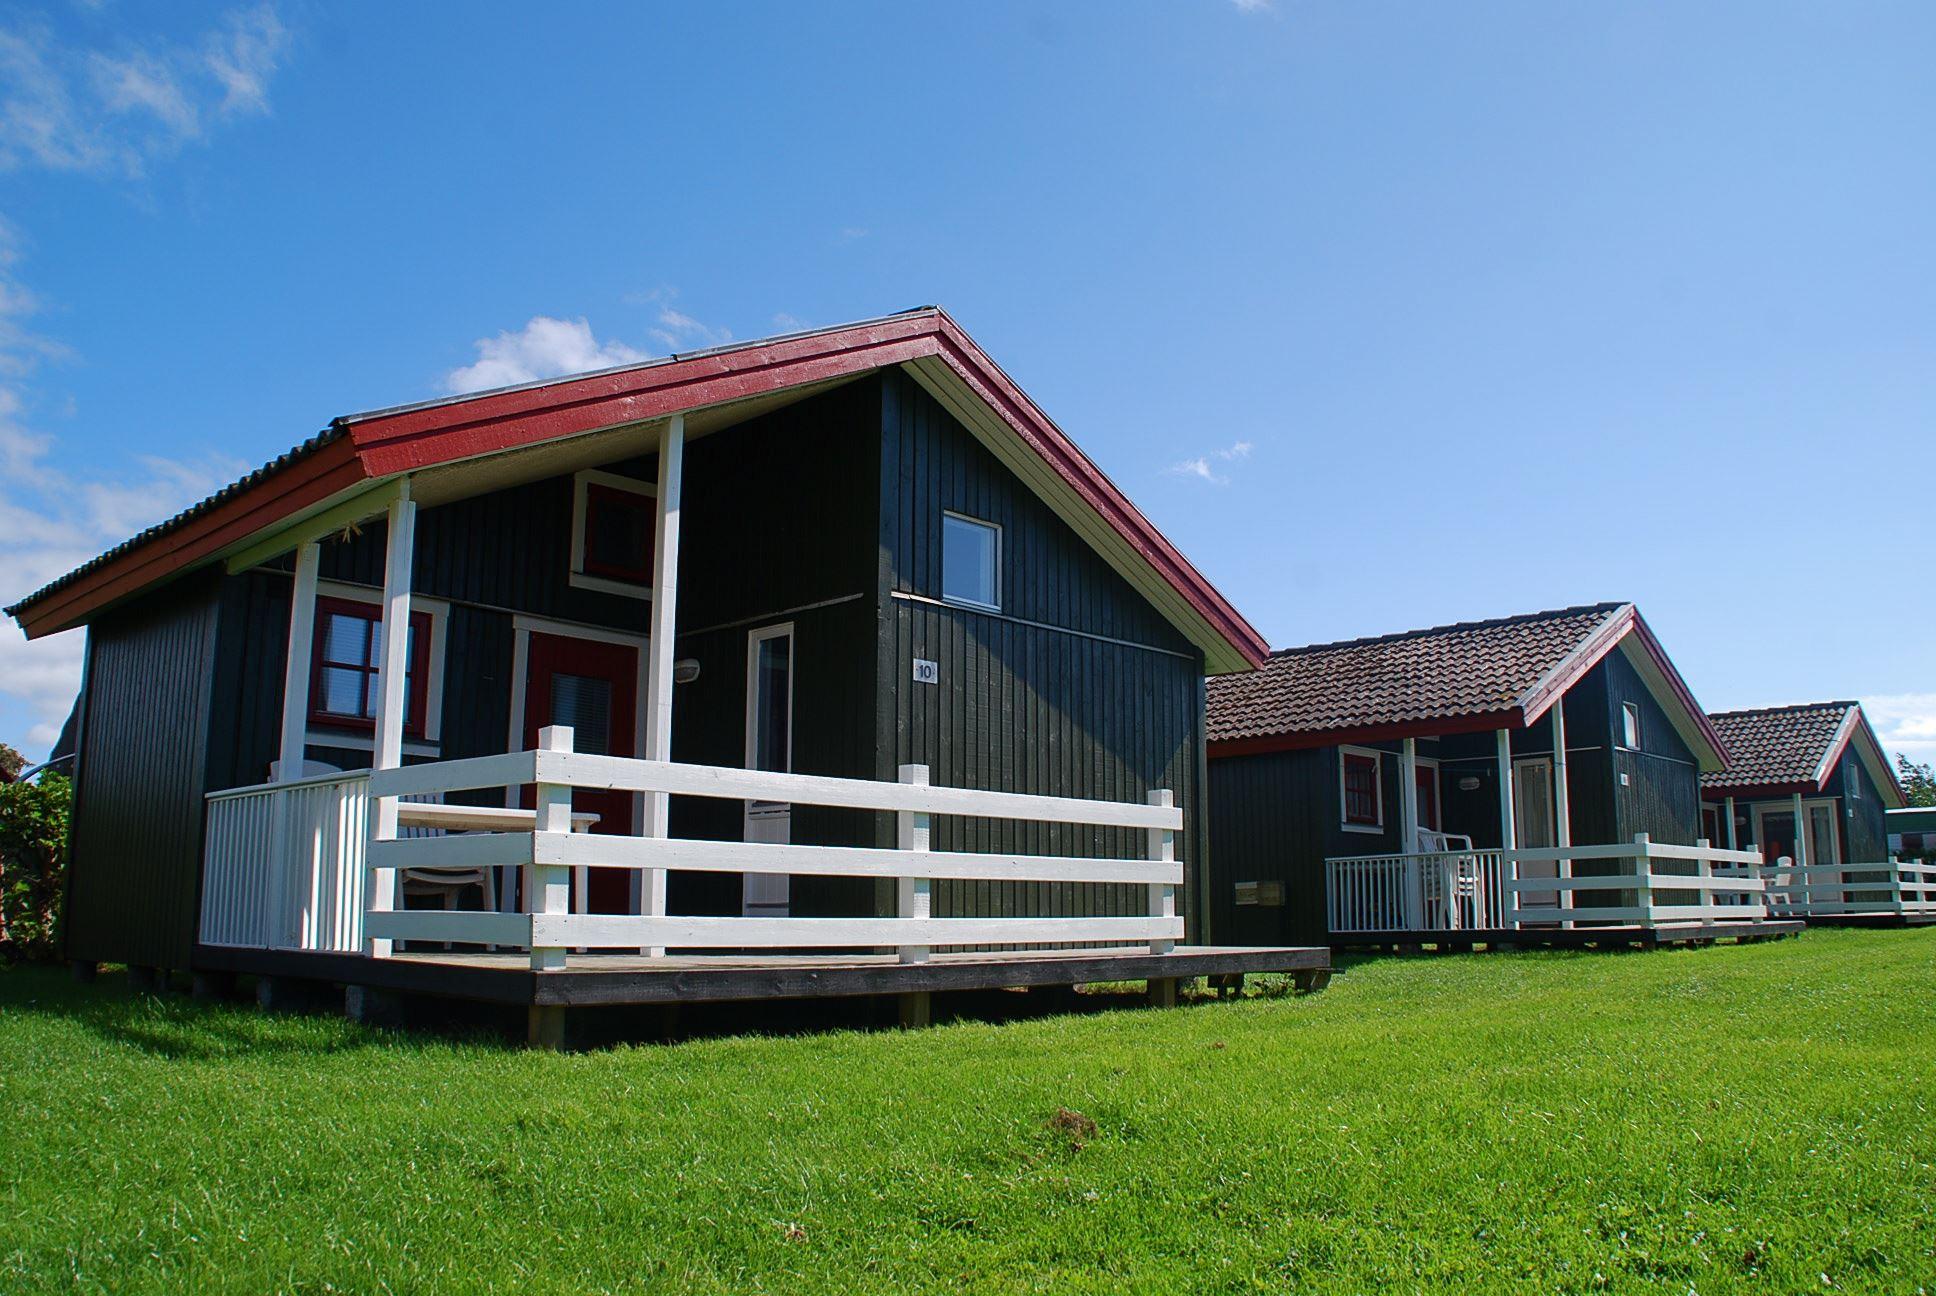 Rødgaard Camping Cottages